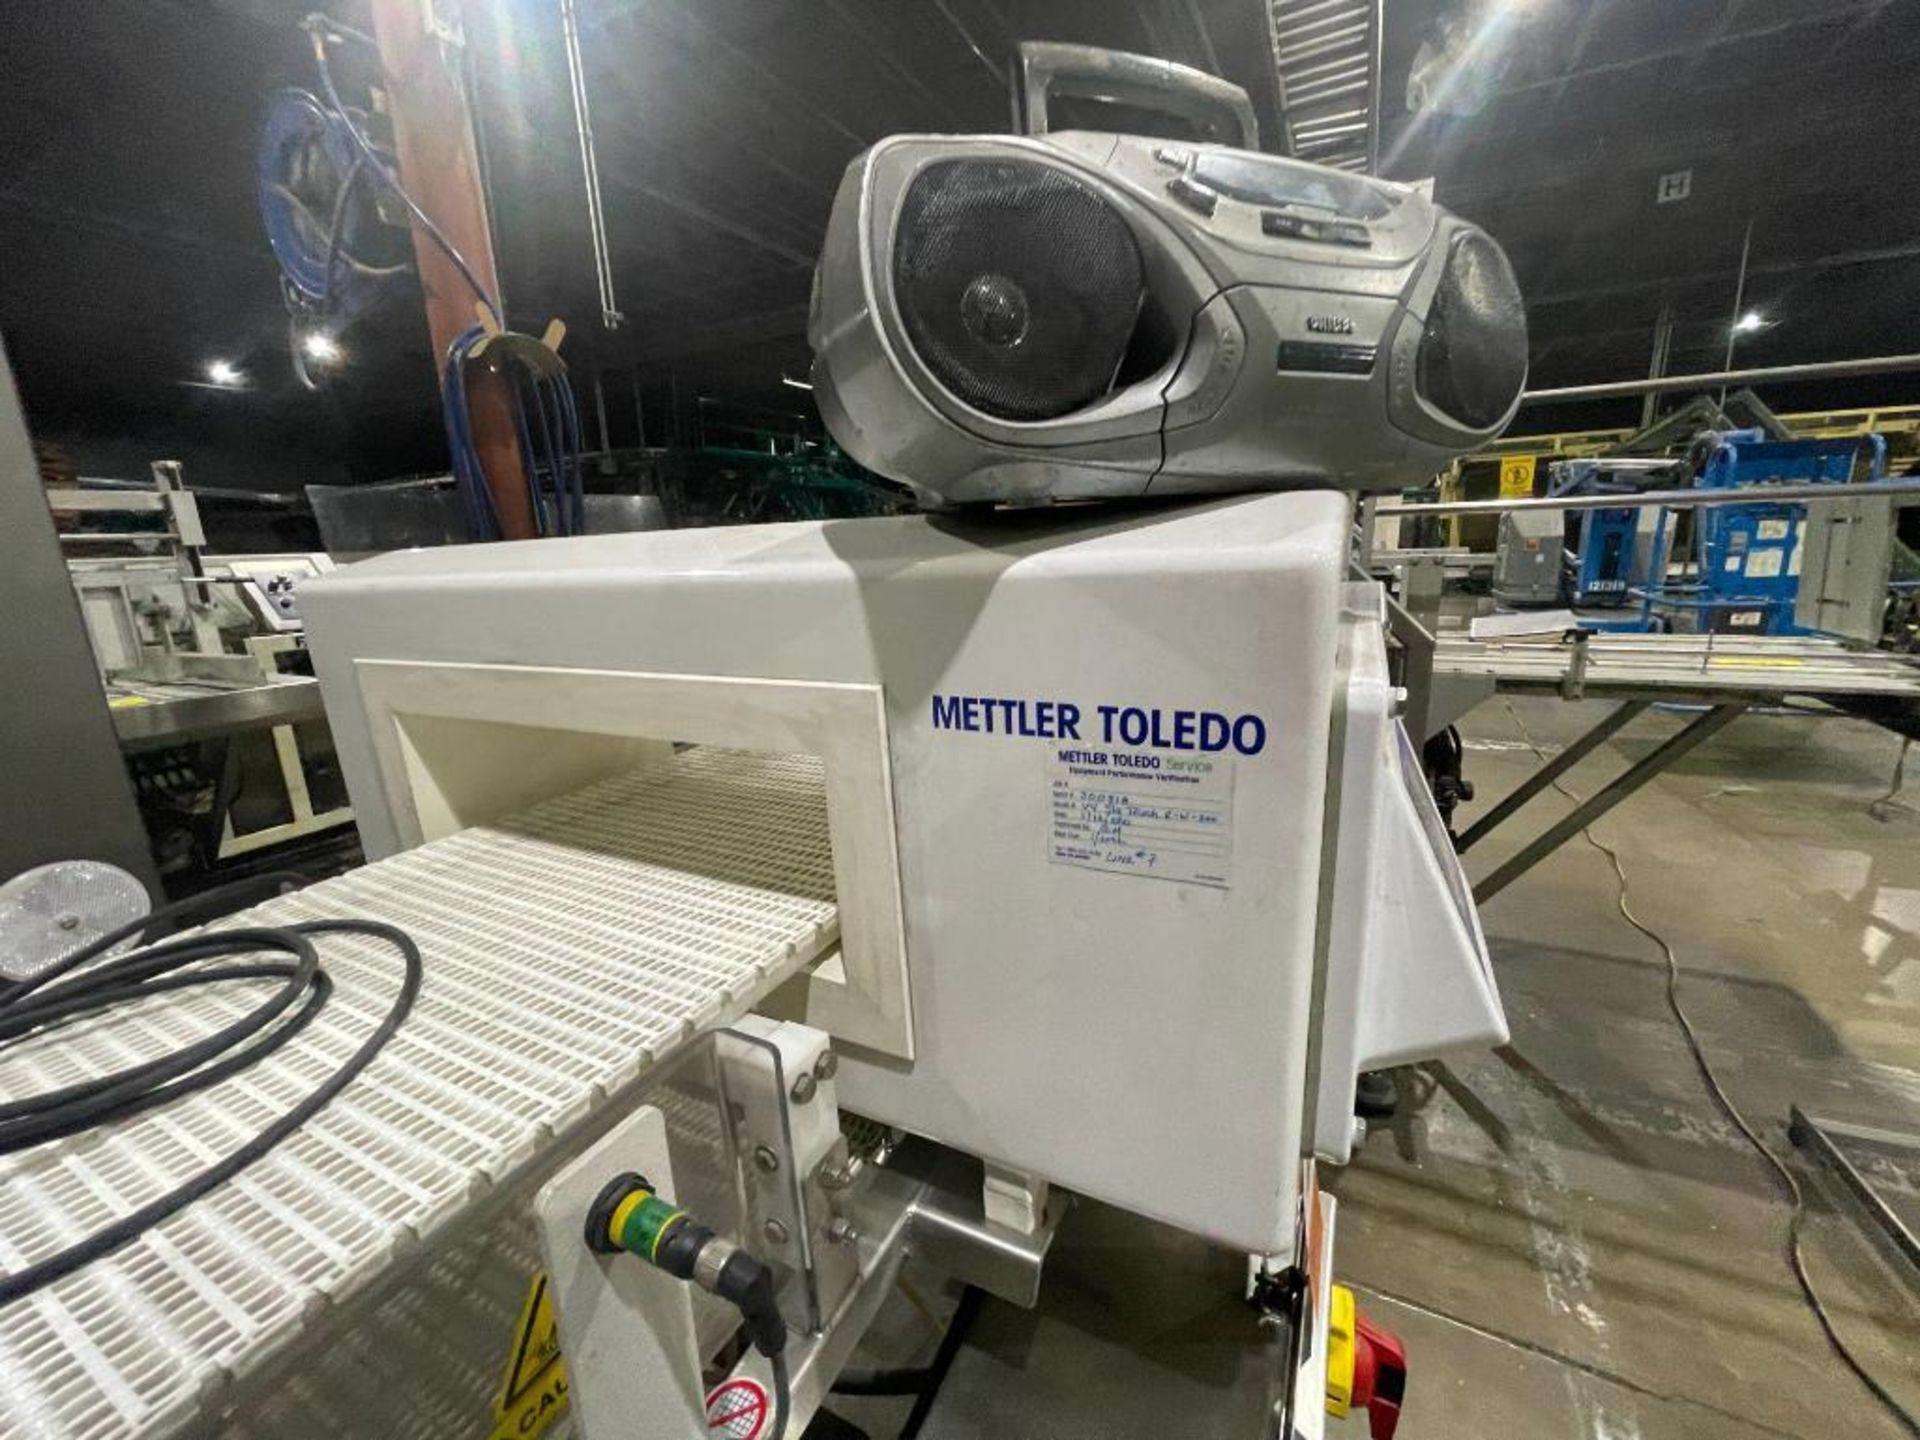 2016 Mettler Toledo metal detector, model SL1500 - Image 3 of 16